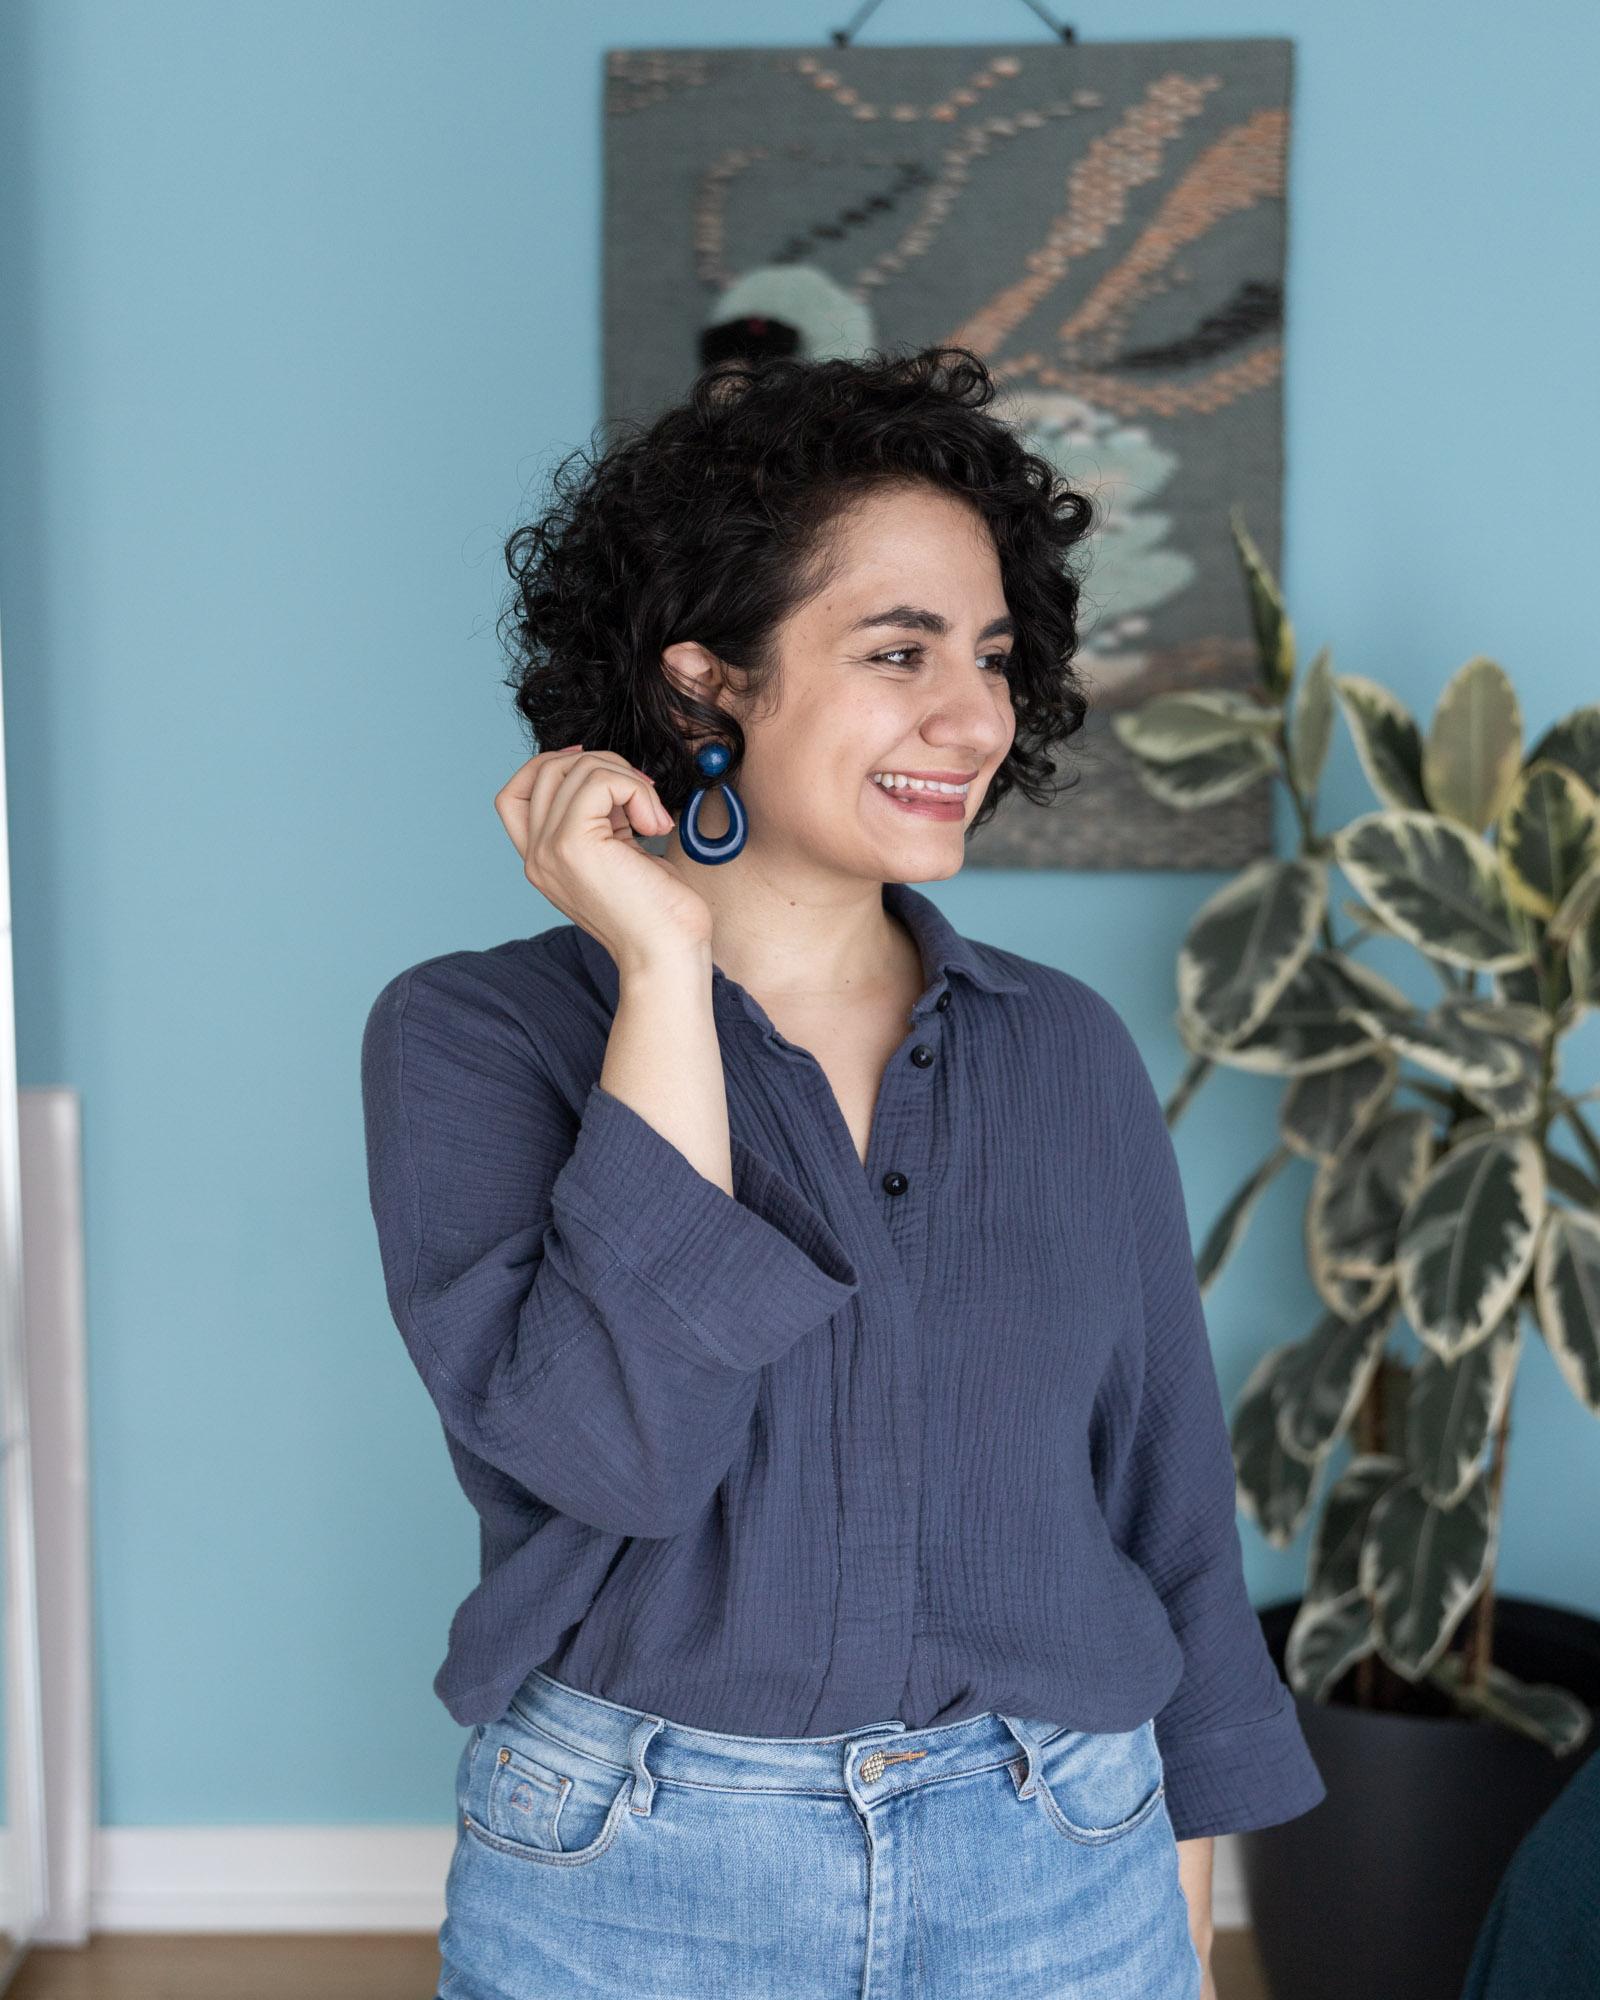 Cocoon Bluse aus Musselin nähen: Tipps damit das Nähen gut gelingt - Tweed & Greet